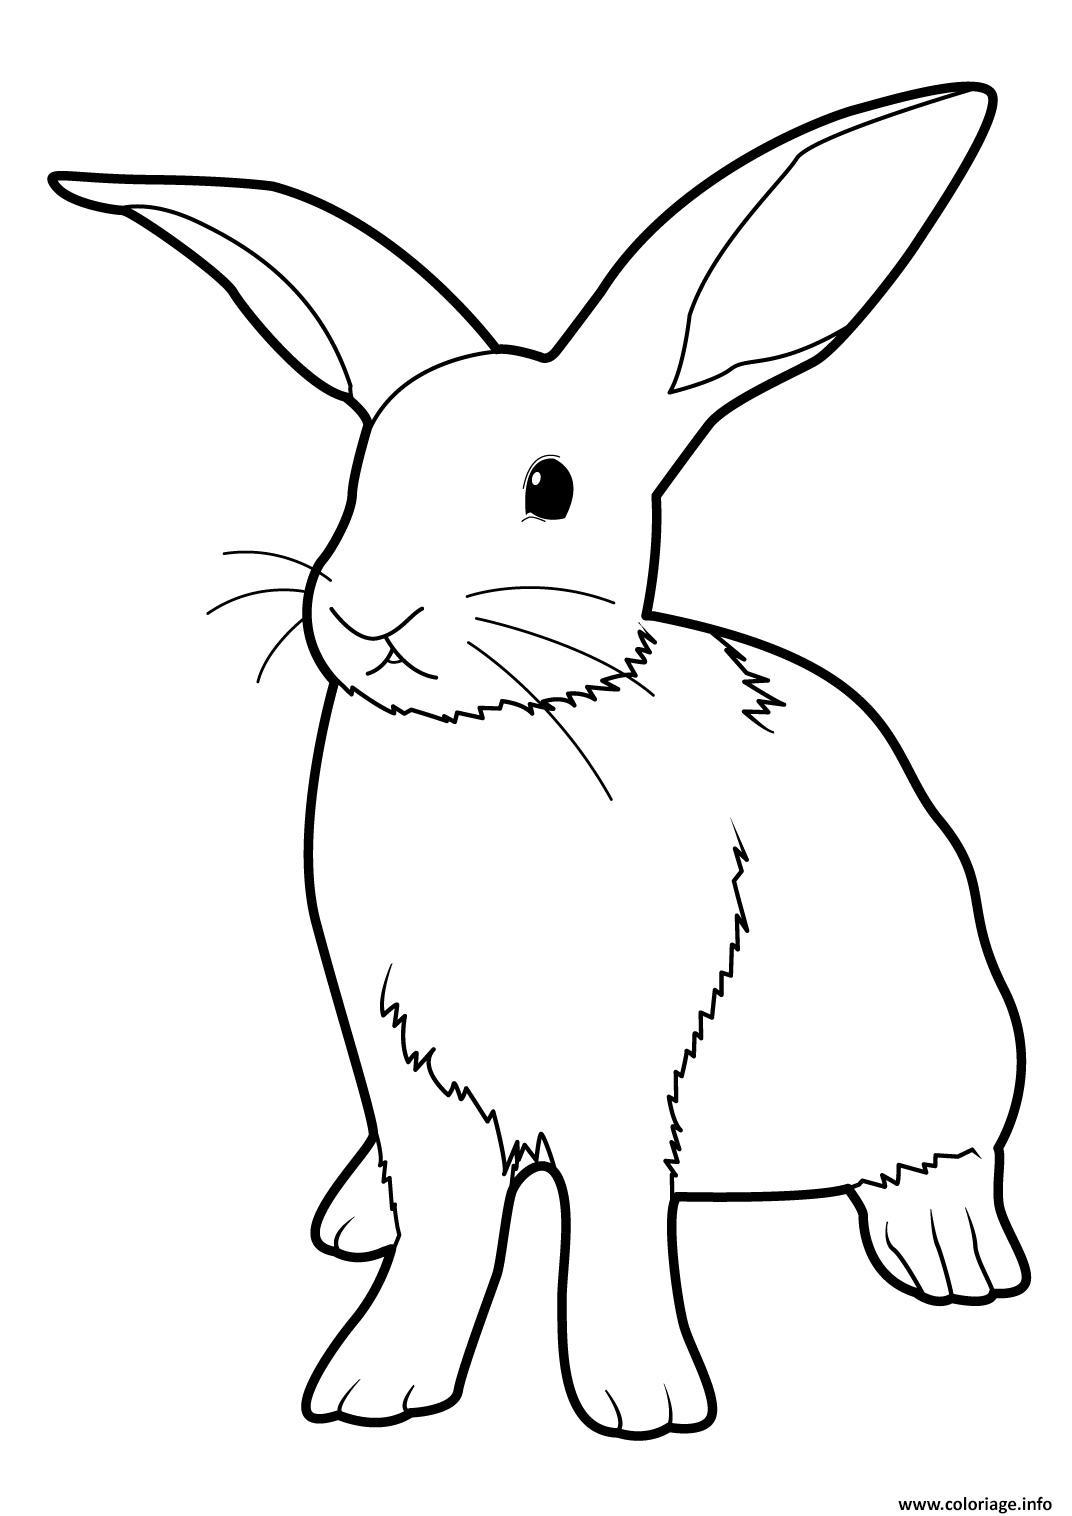 Dessin lapin realiste debout Coloriage Gratuit à Imprimer